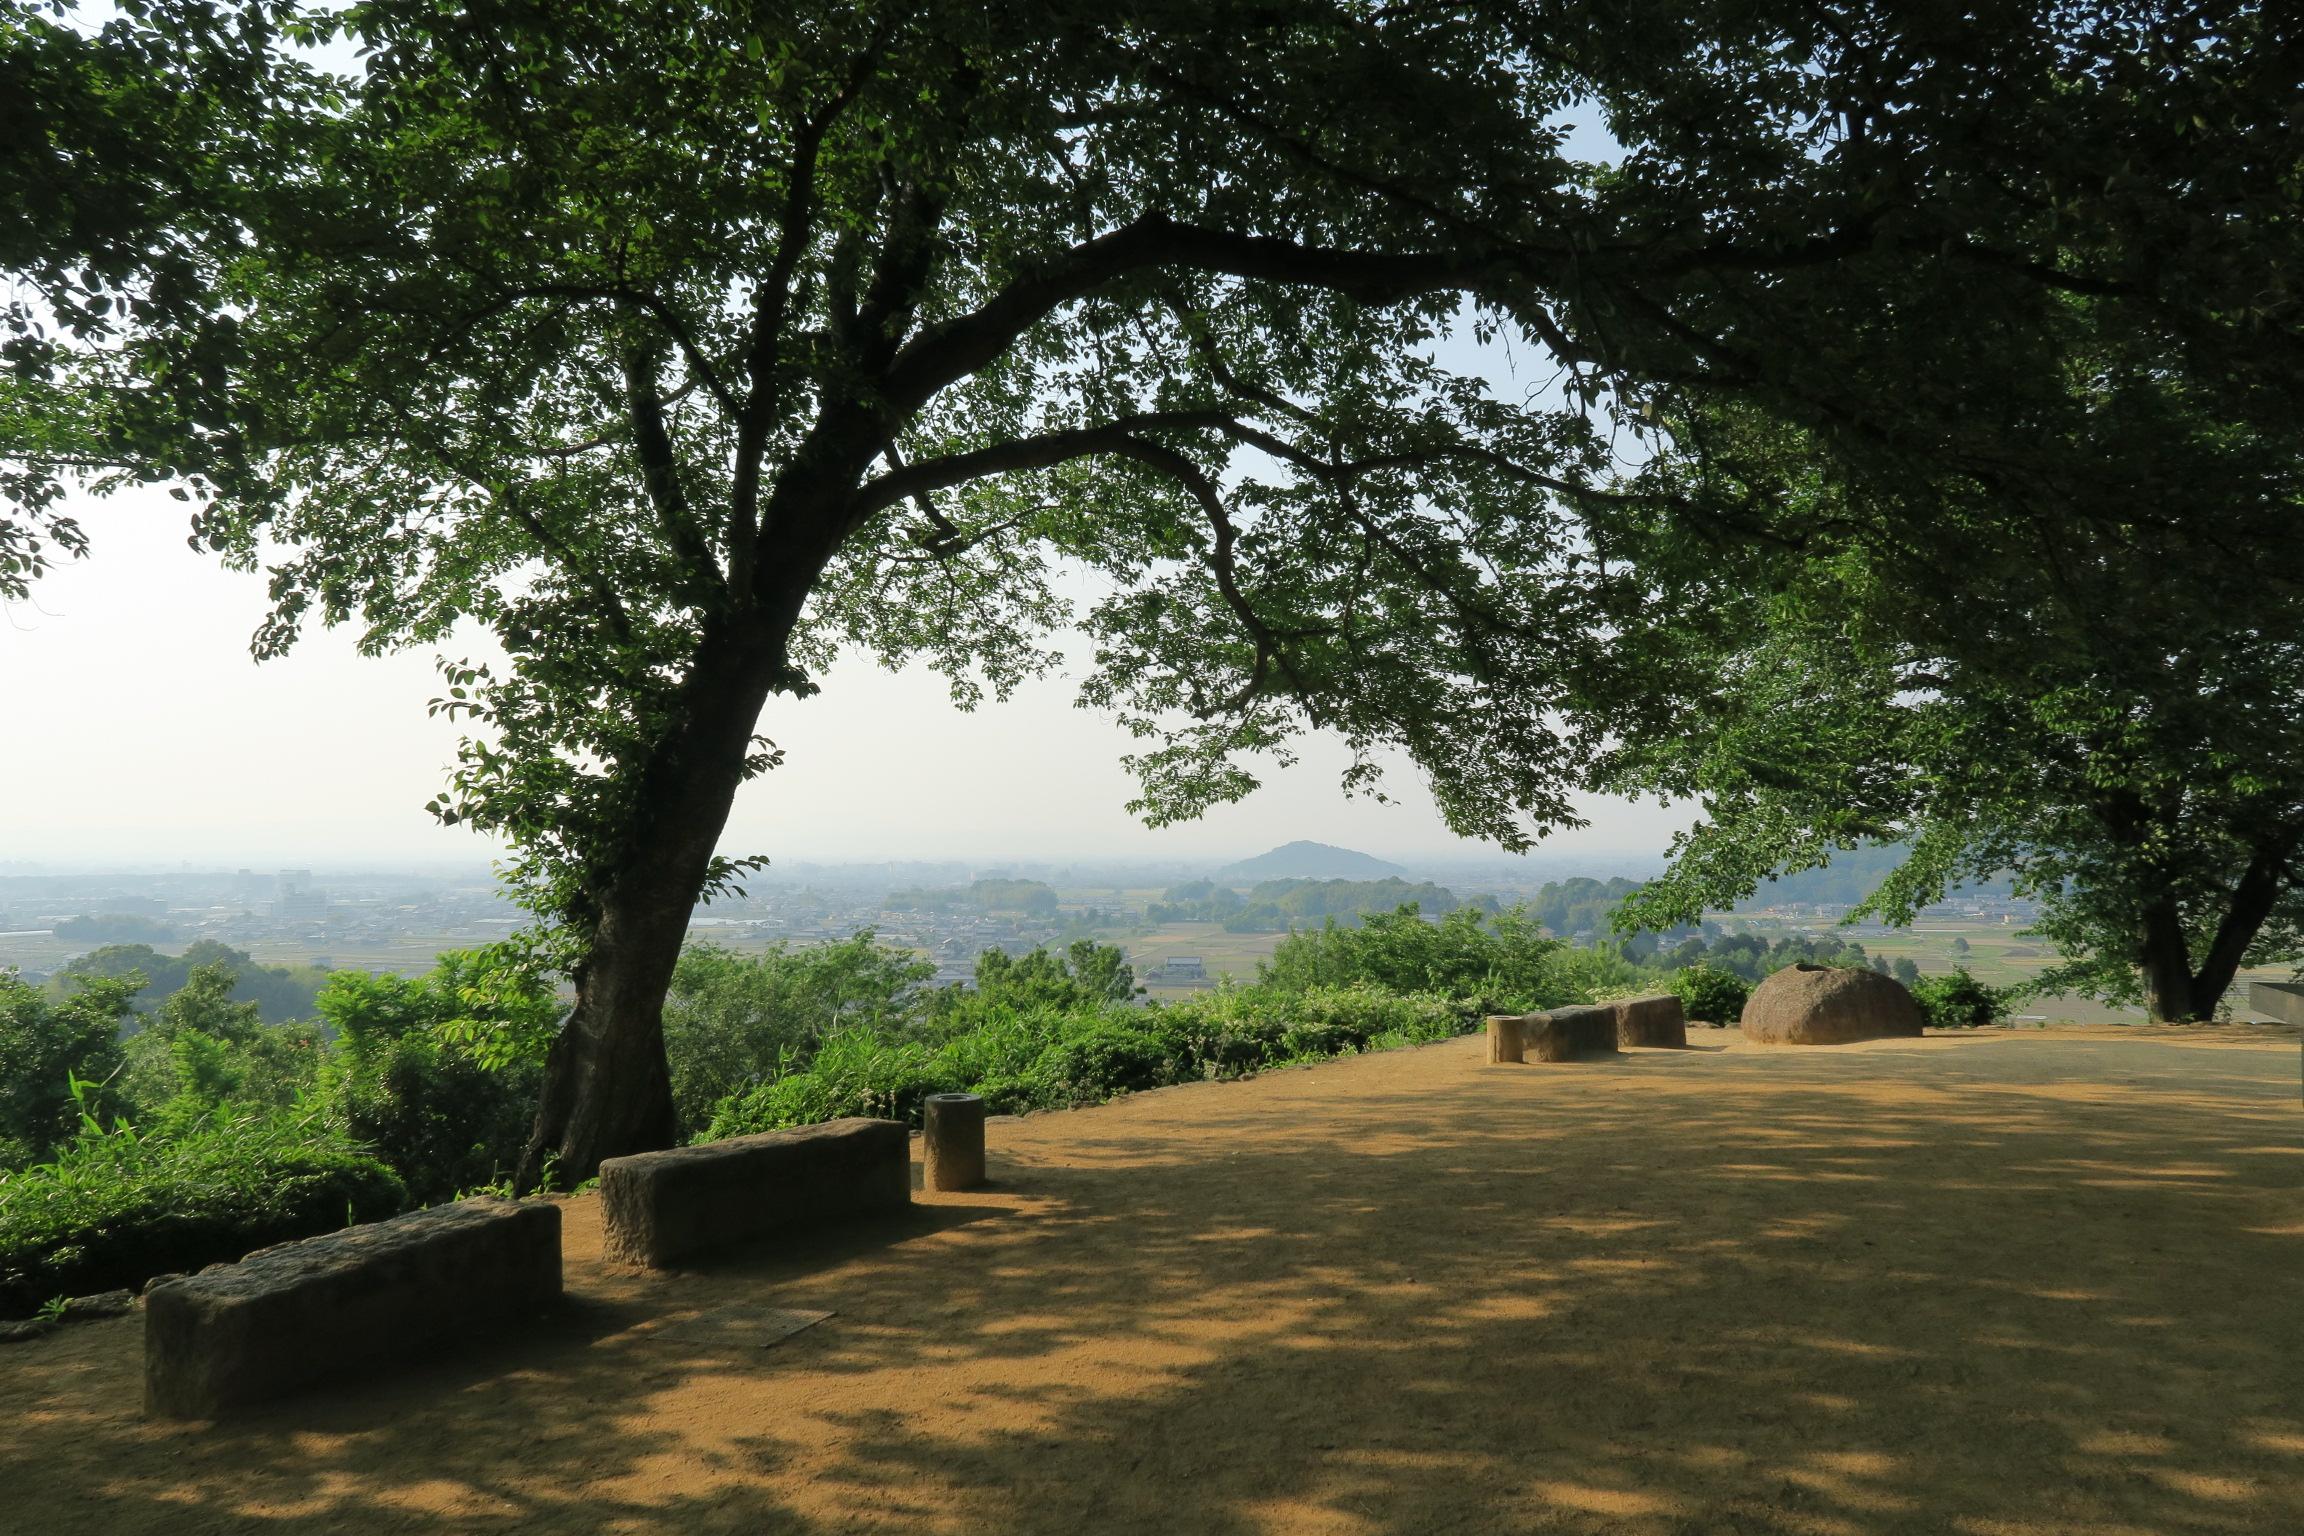 大和三山が望める展望台。奥に耳成山、ガスがかかって見えませんでした、法隆寺も見えるようです。